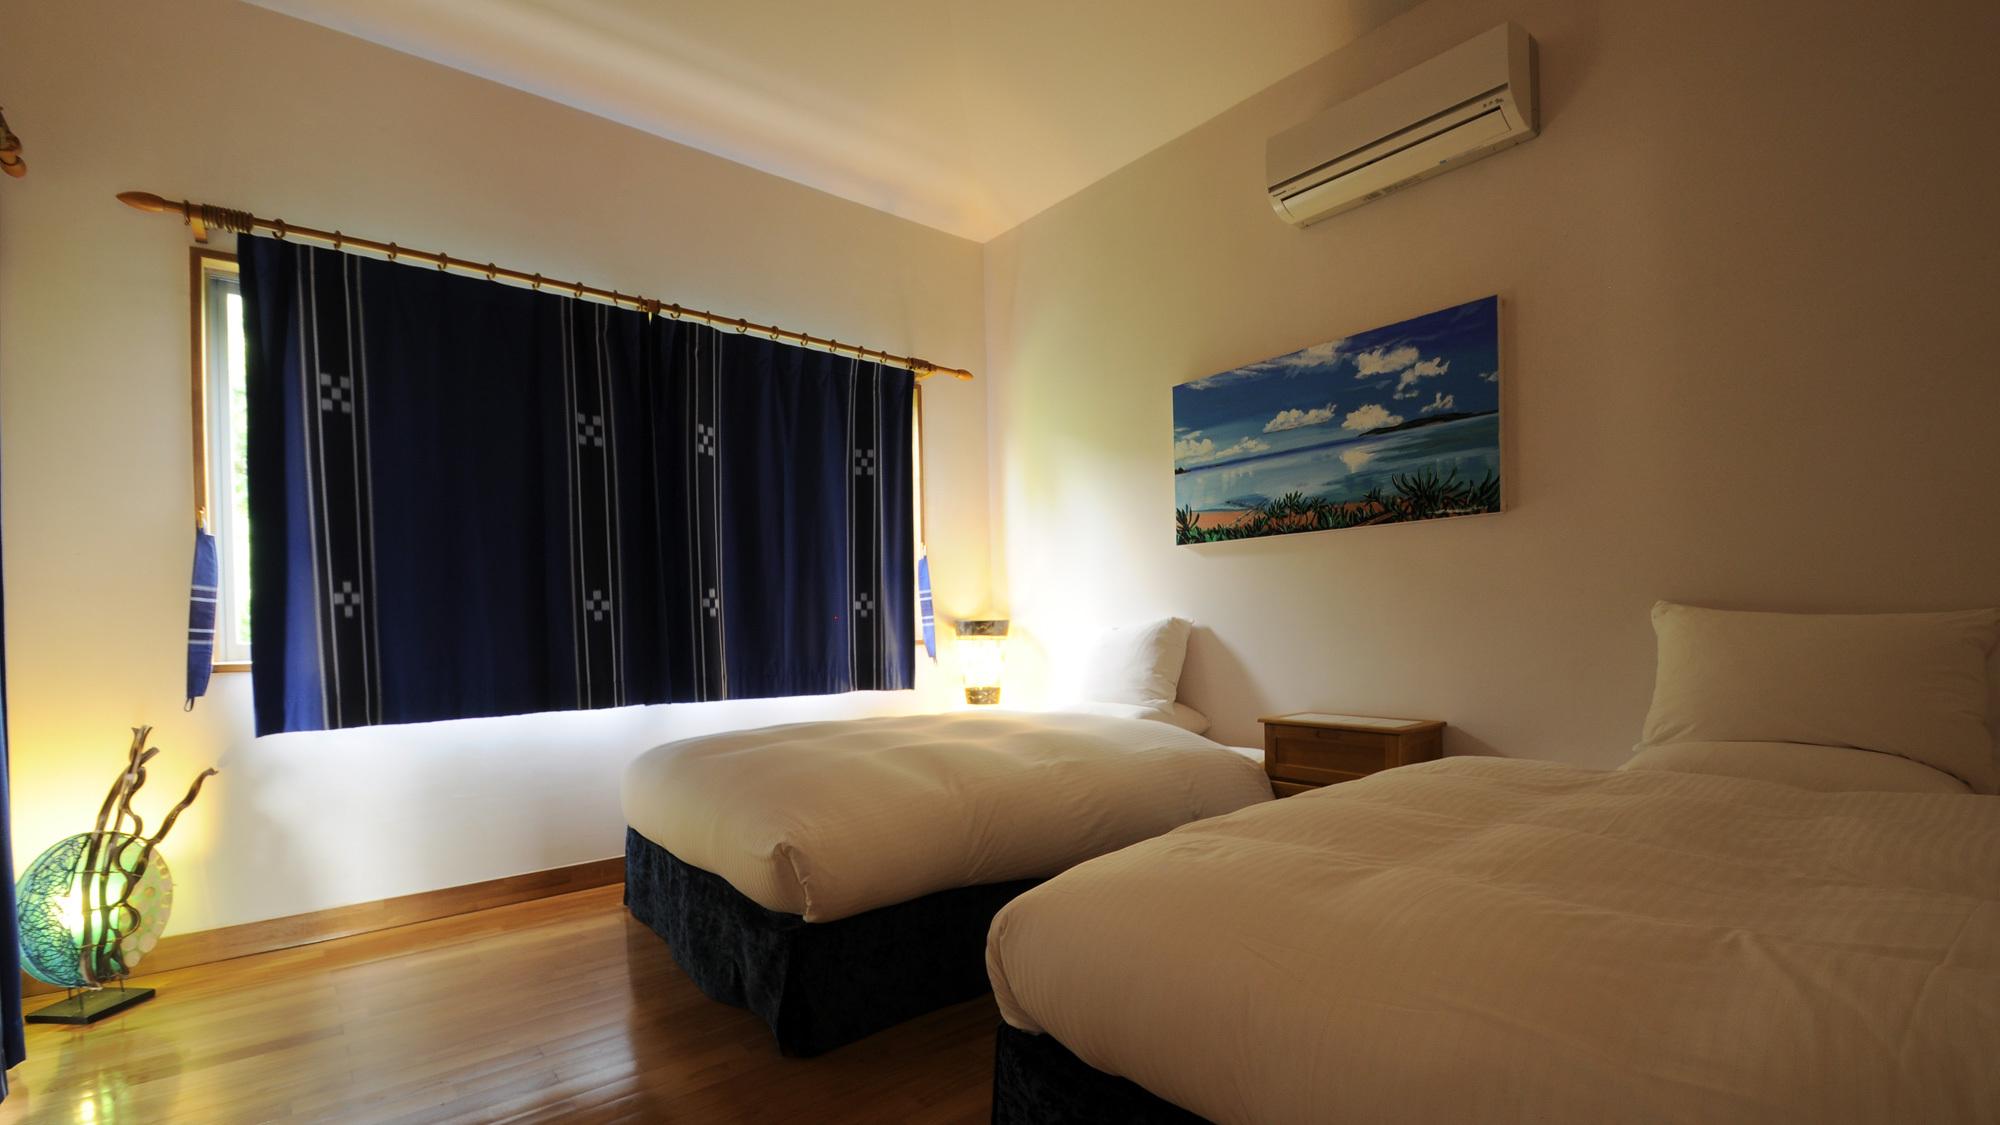 【寝室】エステの効果は翌朝のすっきりした目覚めで実感できるかもしれません